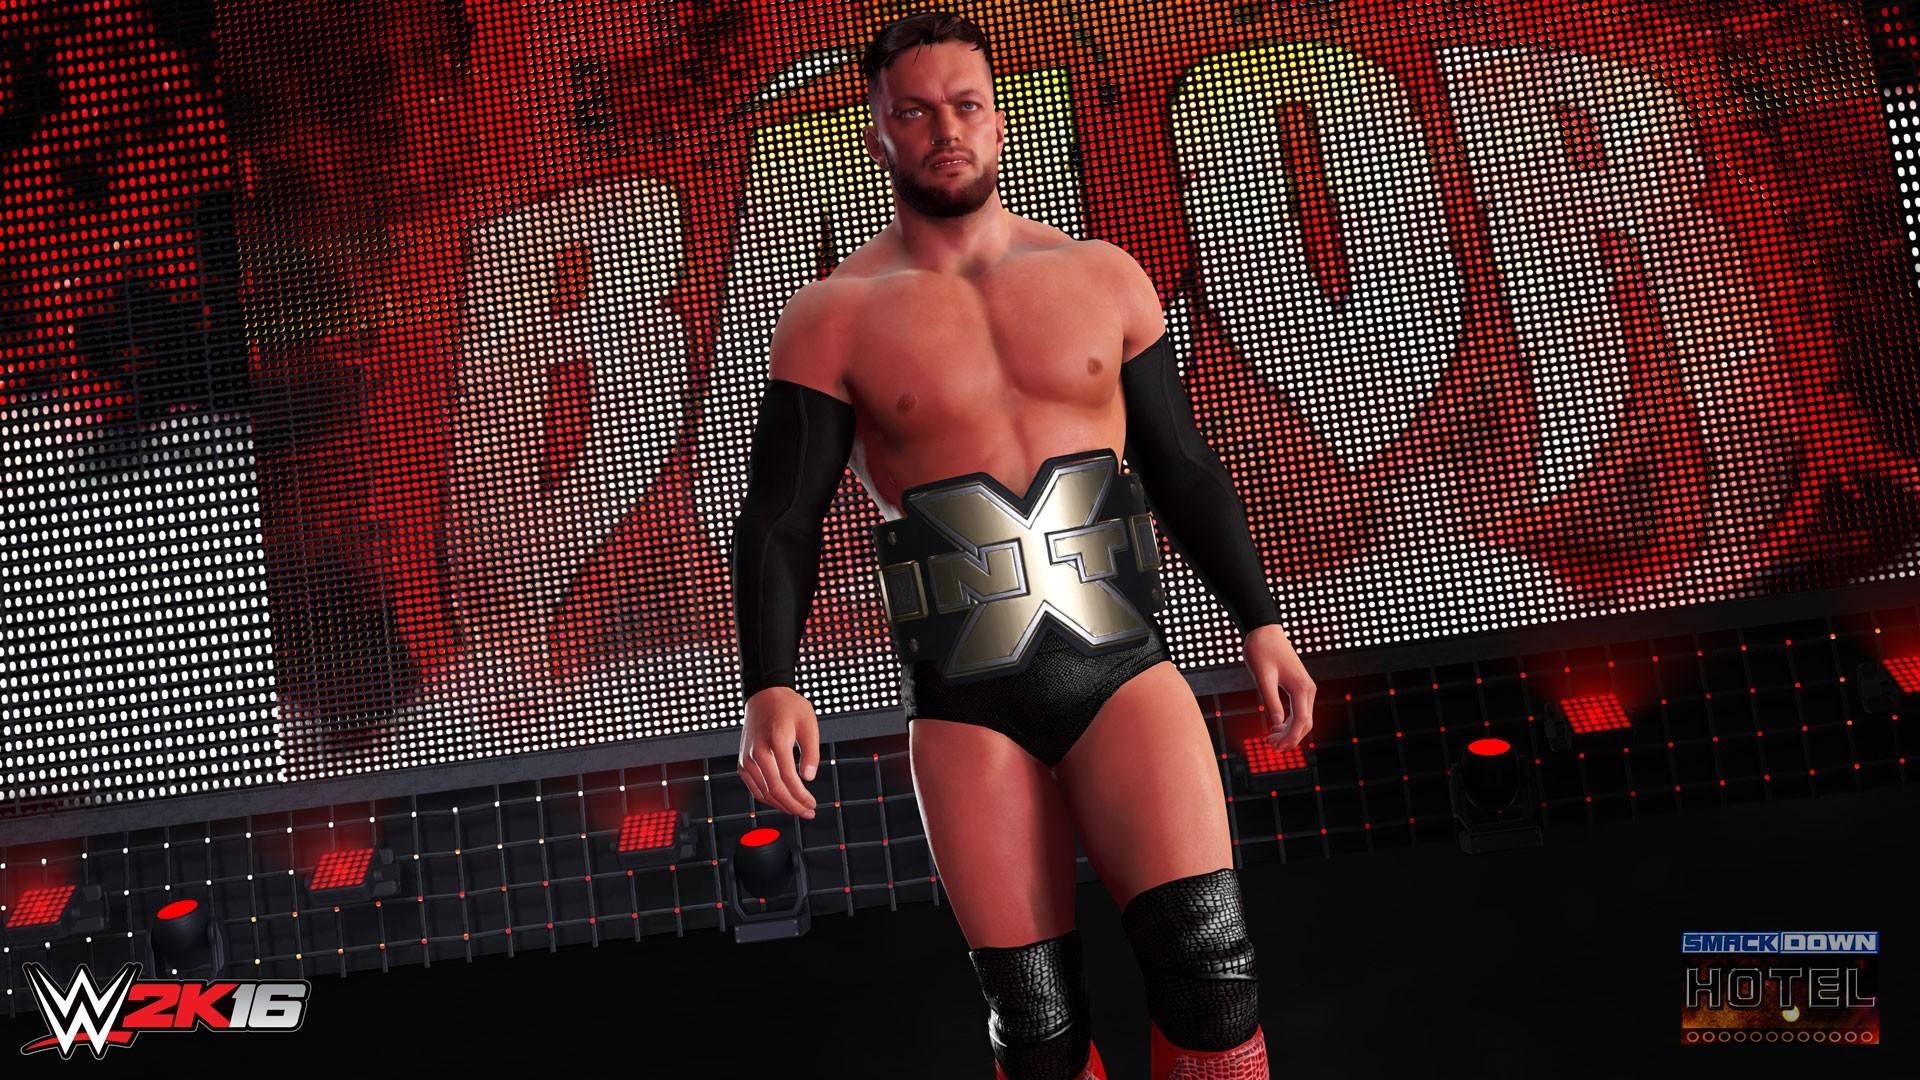 WWE2K16-PC-Finn-Balor